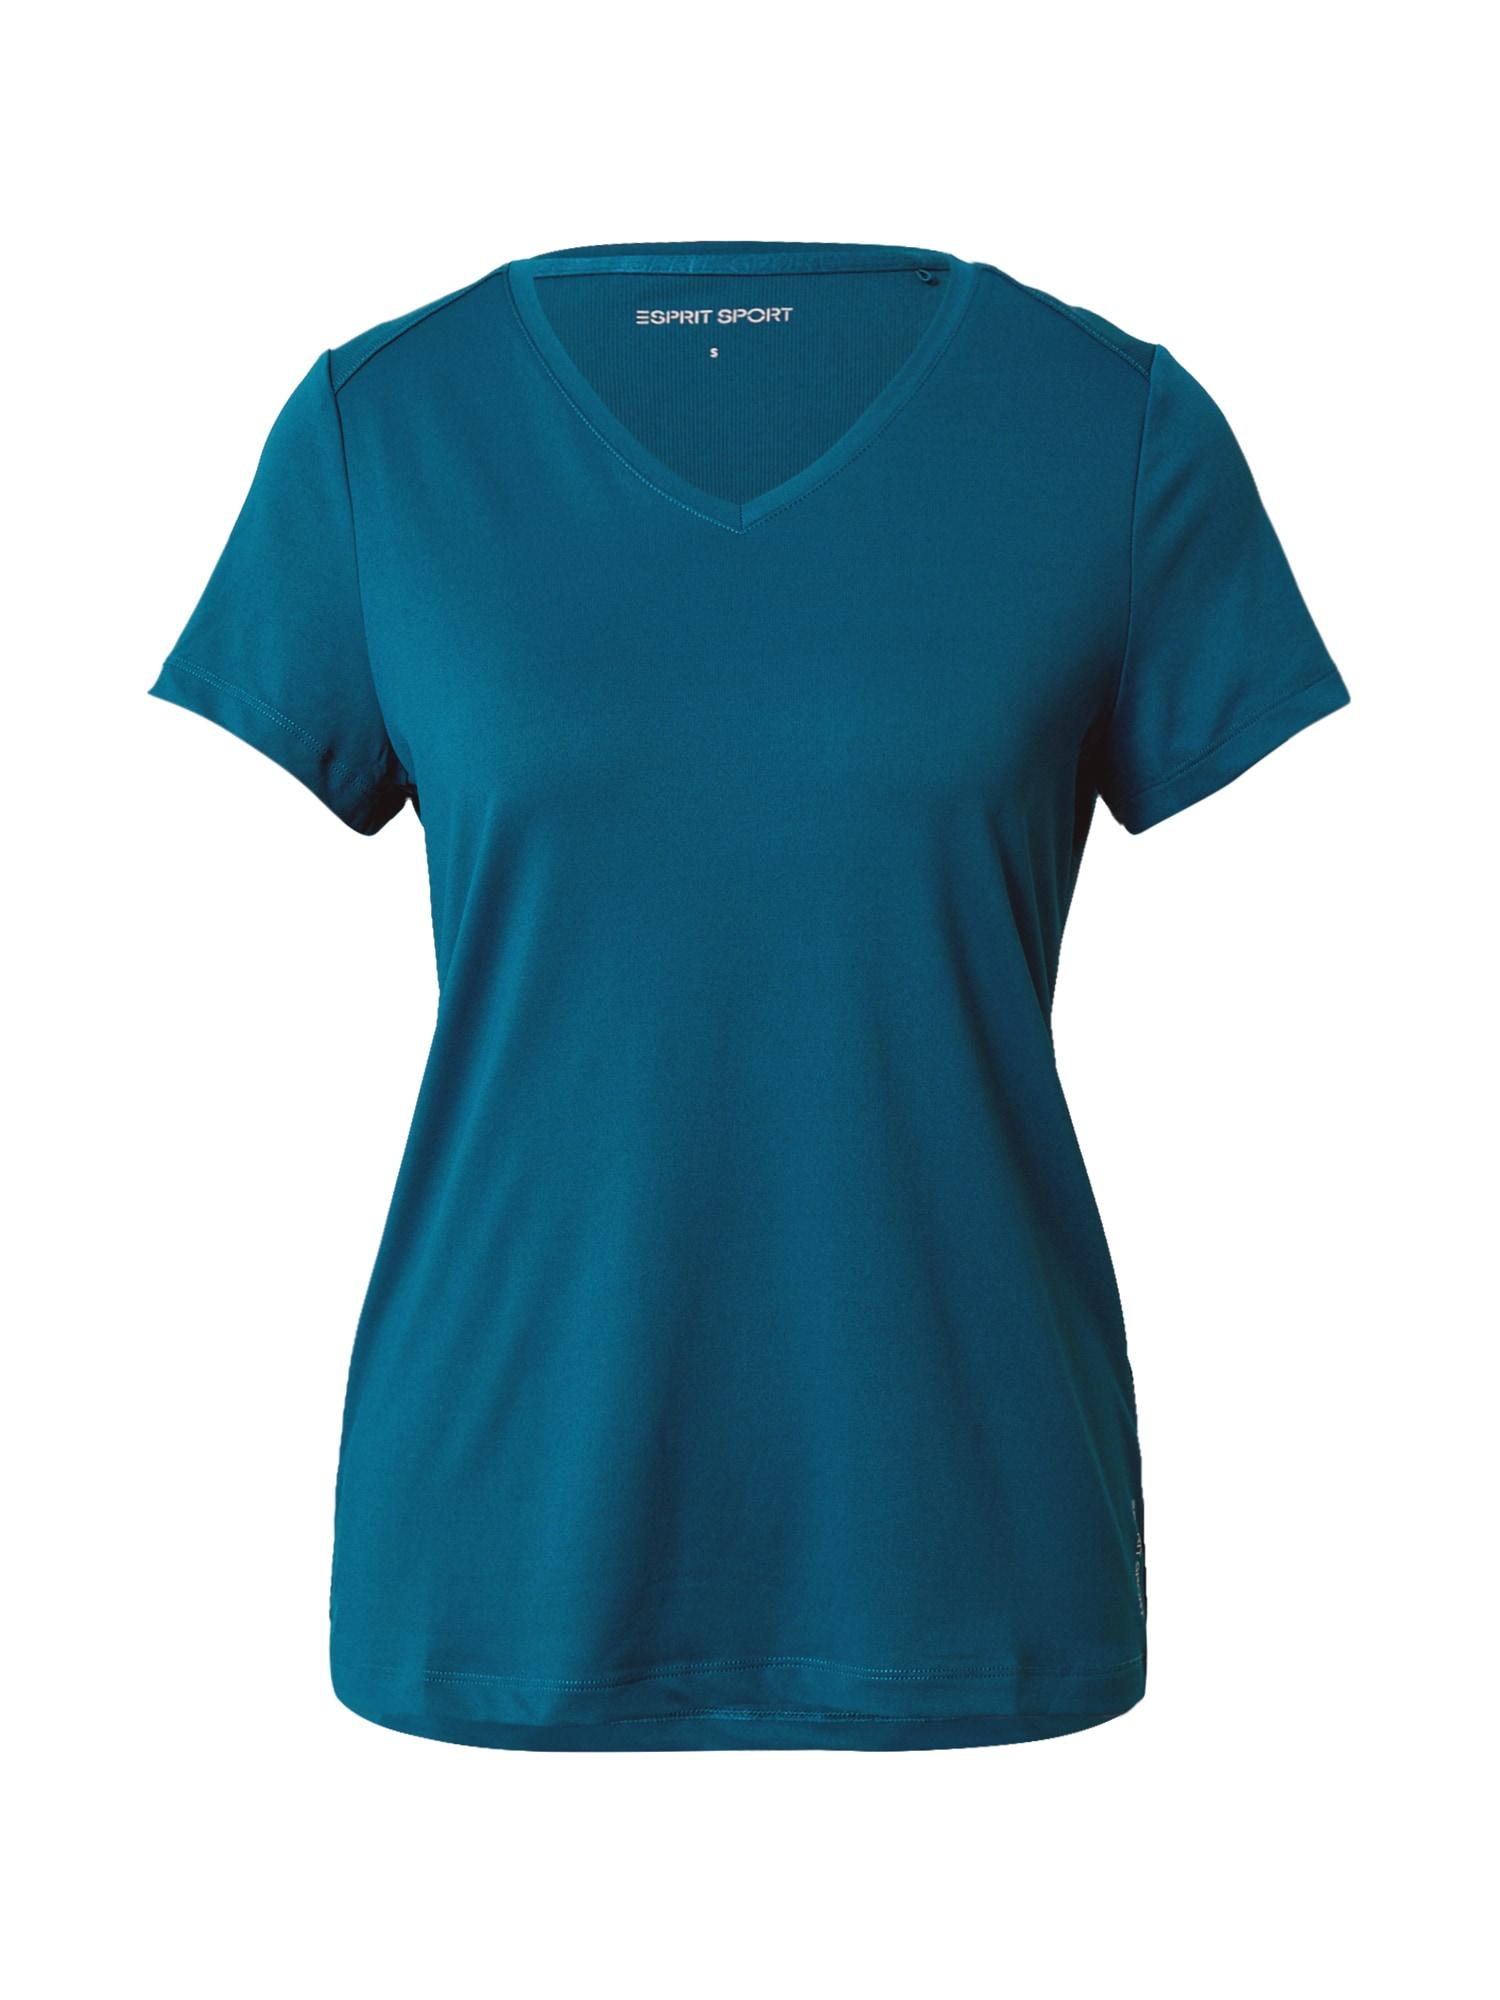 ESPRIT SPORT Sportiniai marškinėliai tamsiai žalia